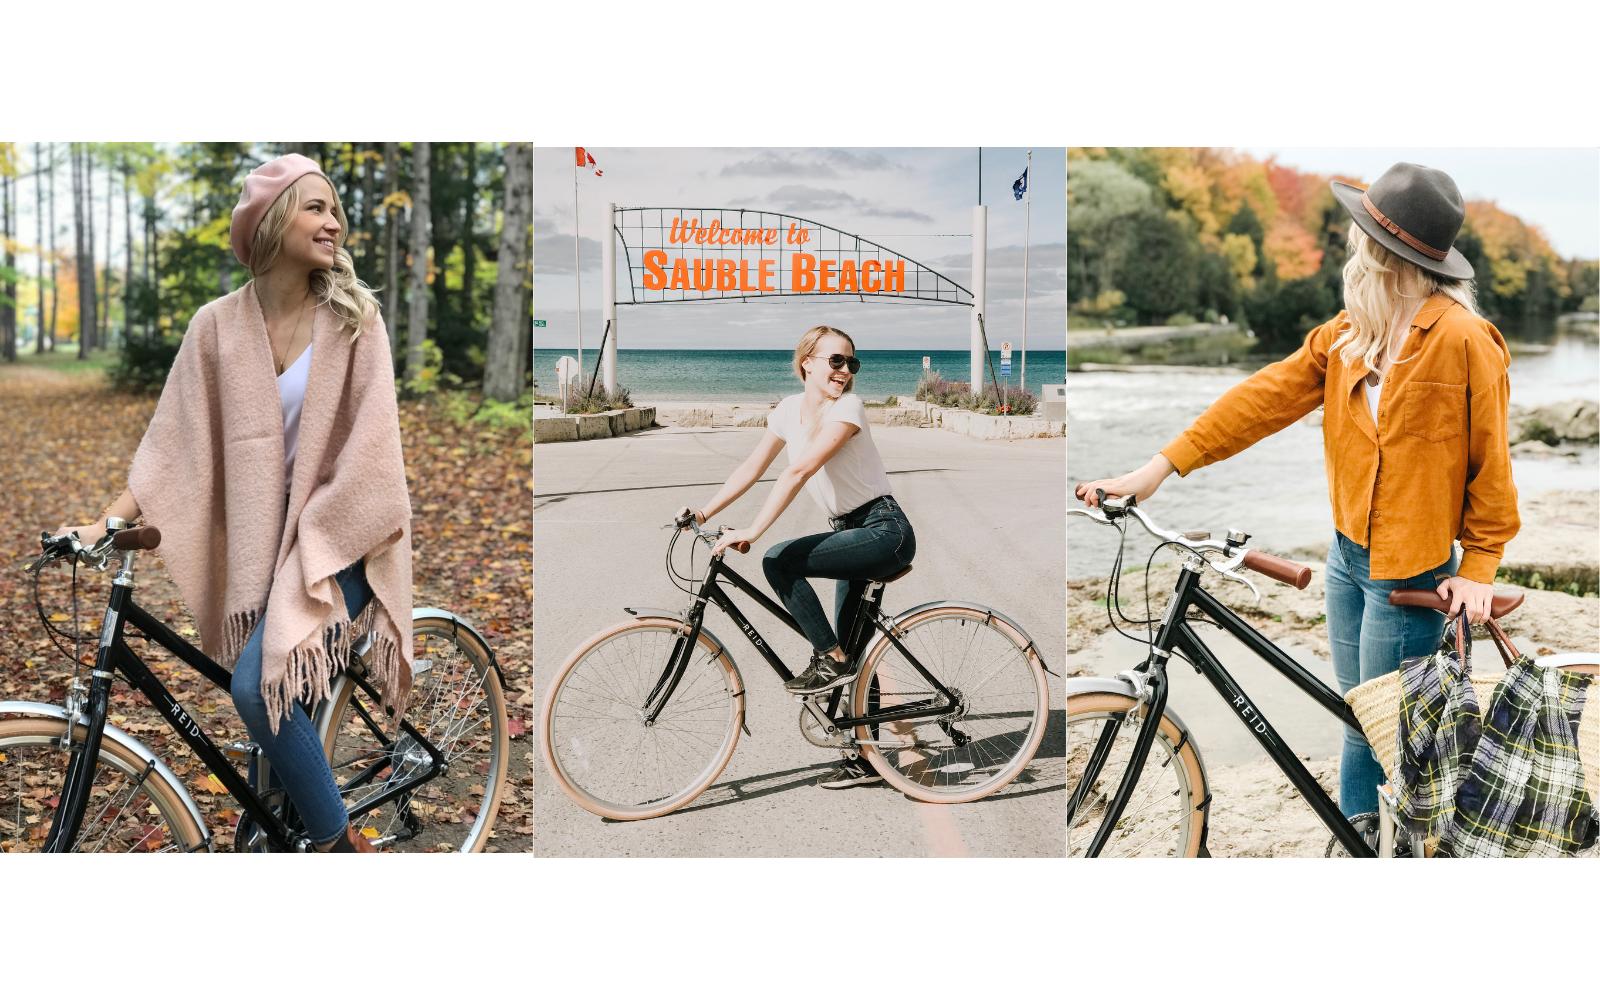 27 12 - Reid ® - Ladies Esprit Superlite Bike